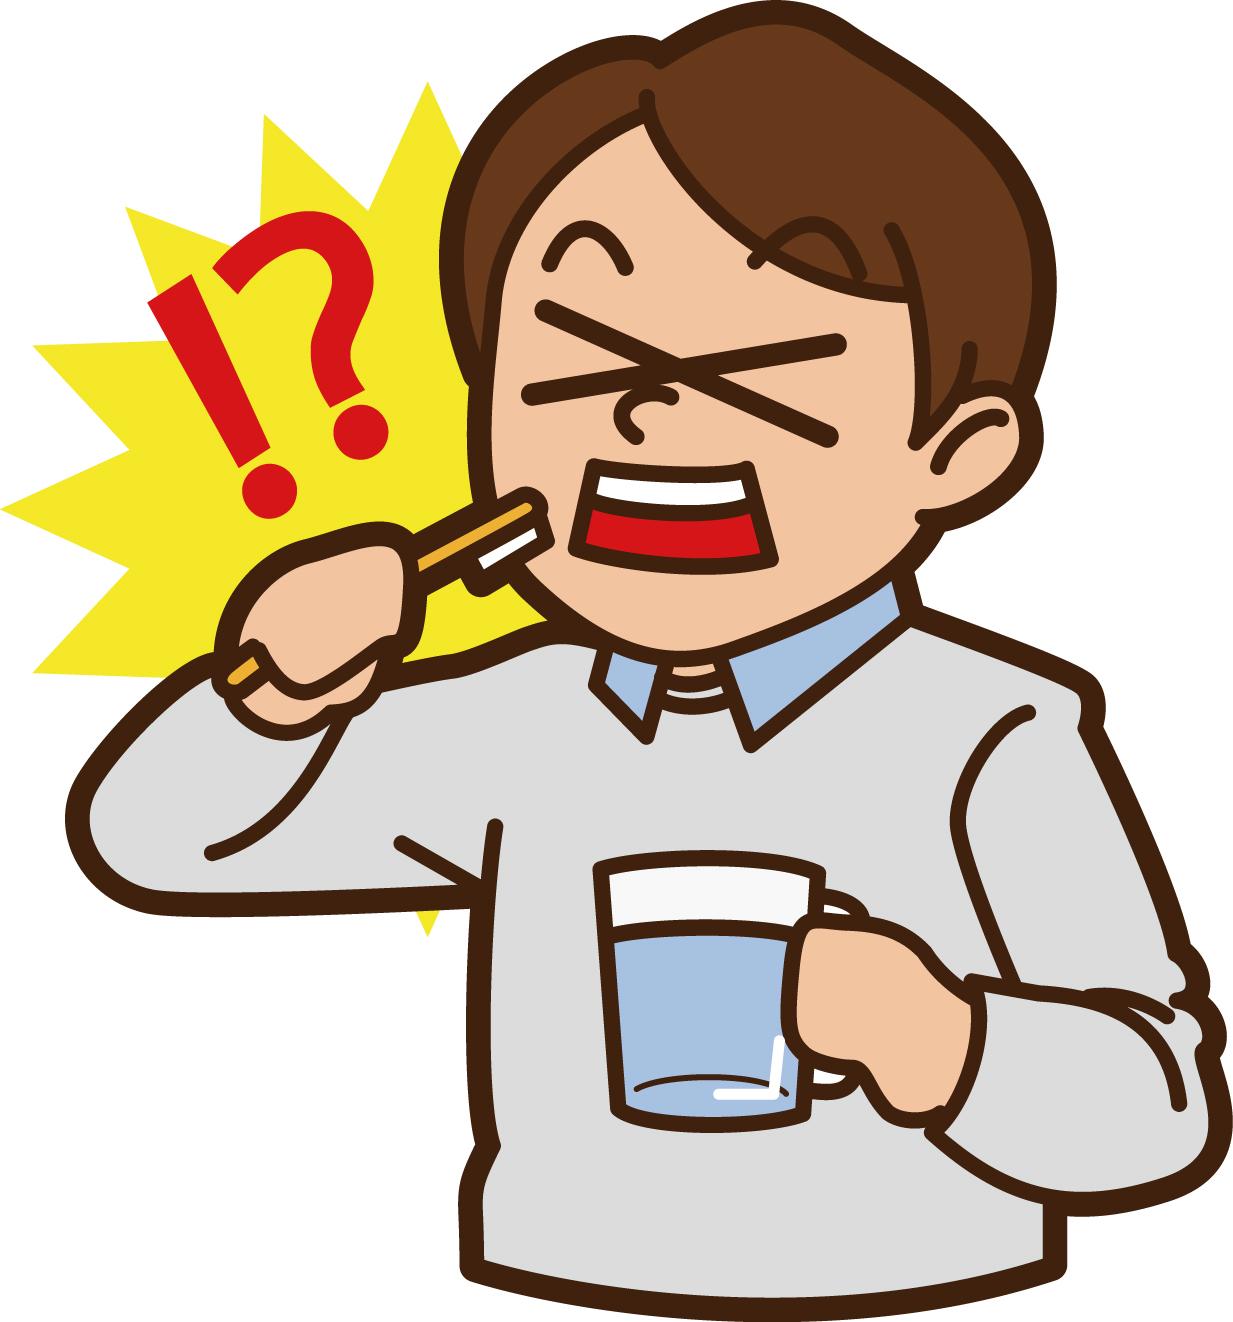 歯ブラシをすると歯茎が痛い